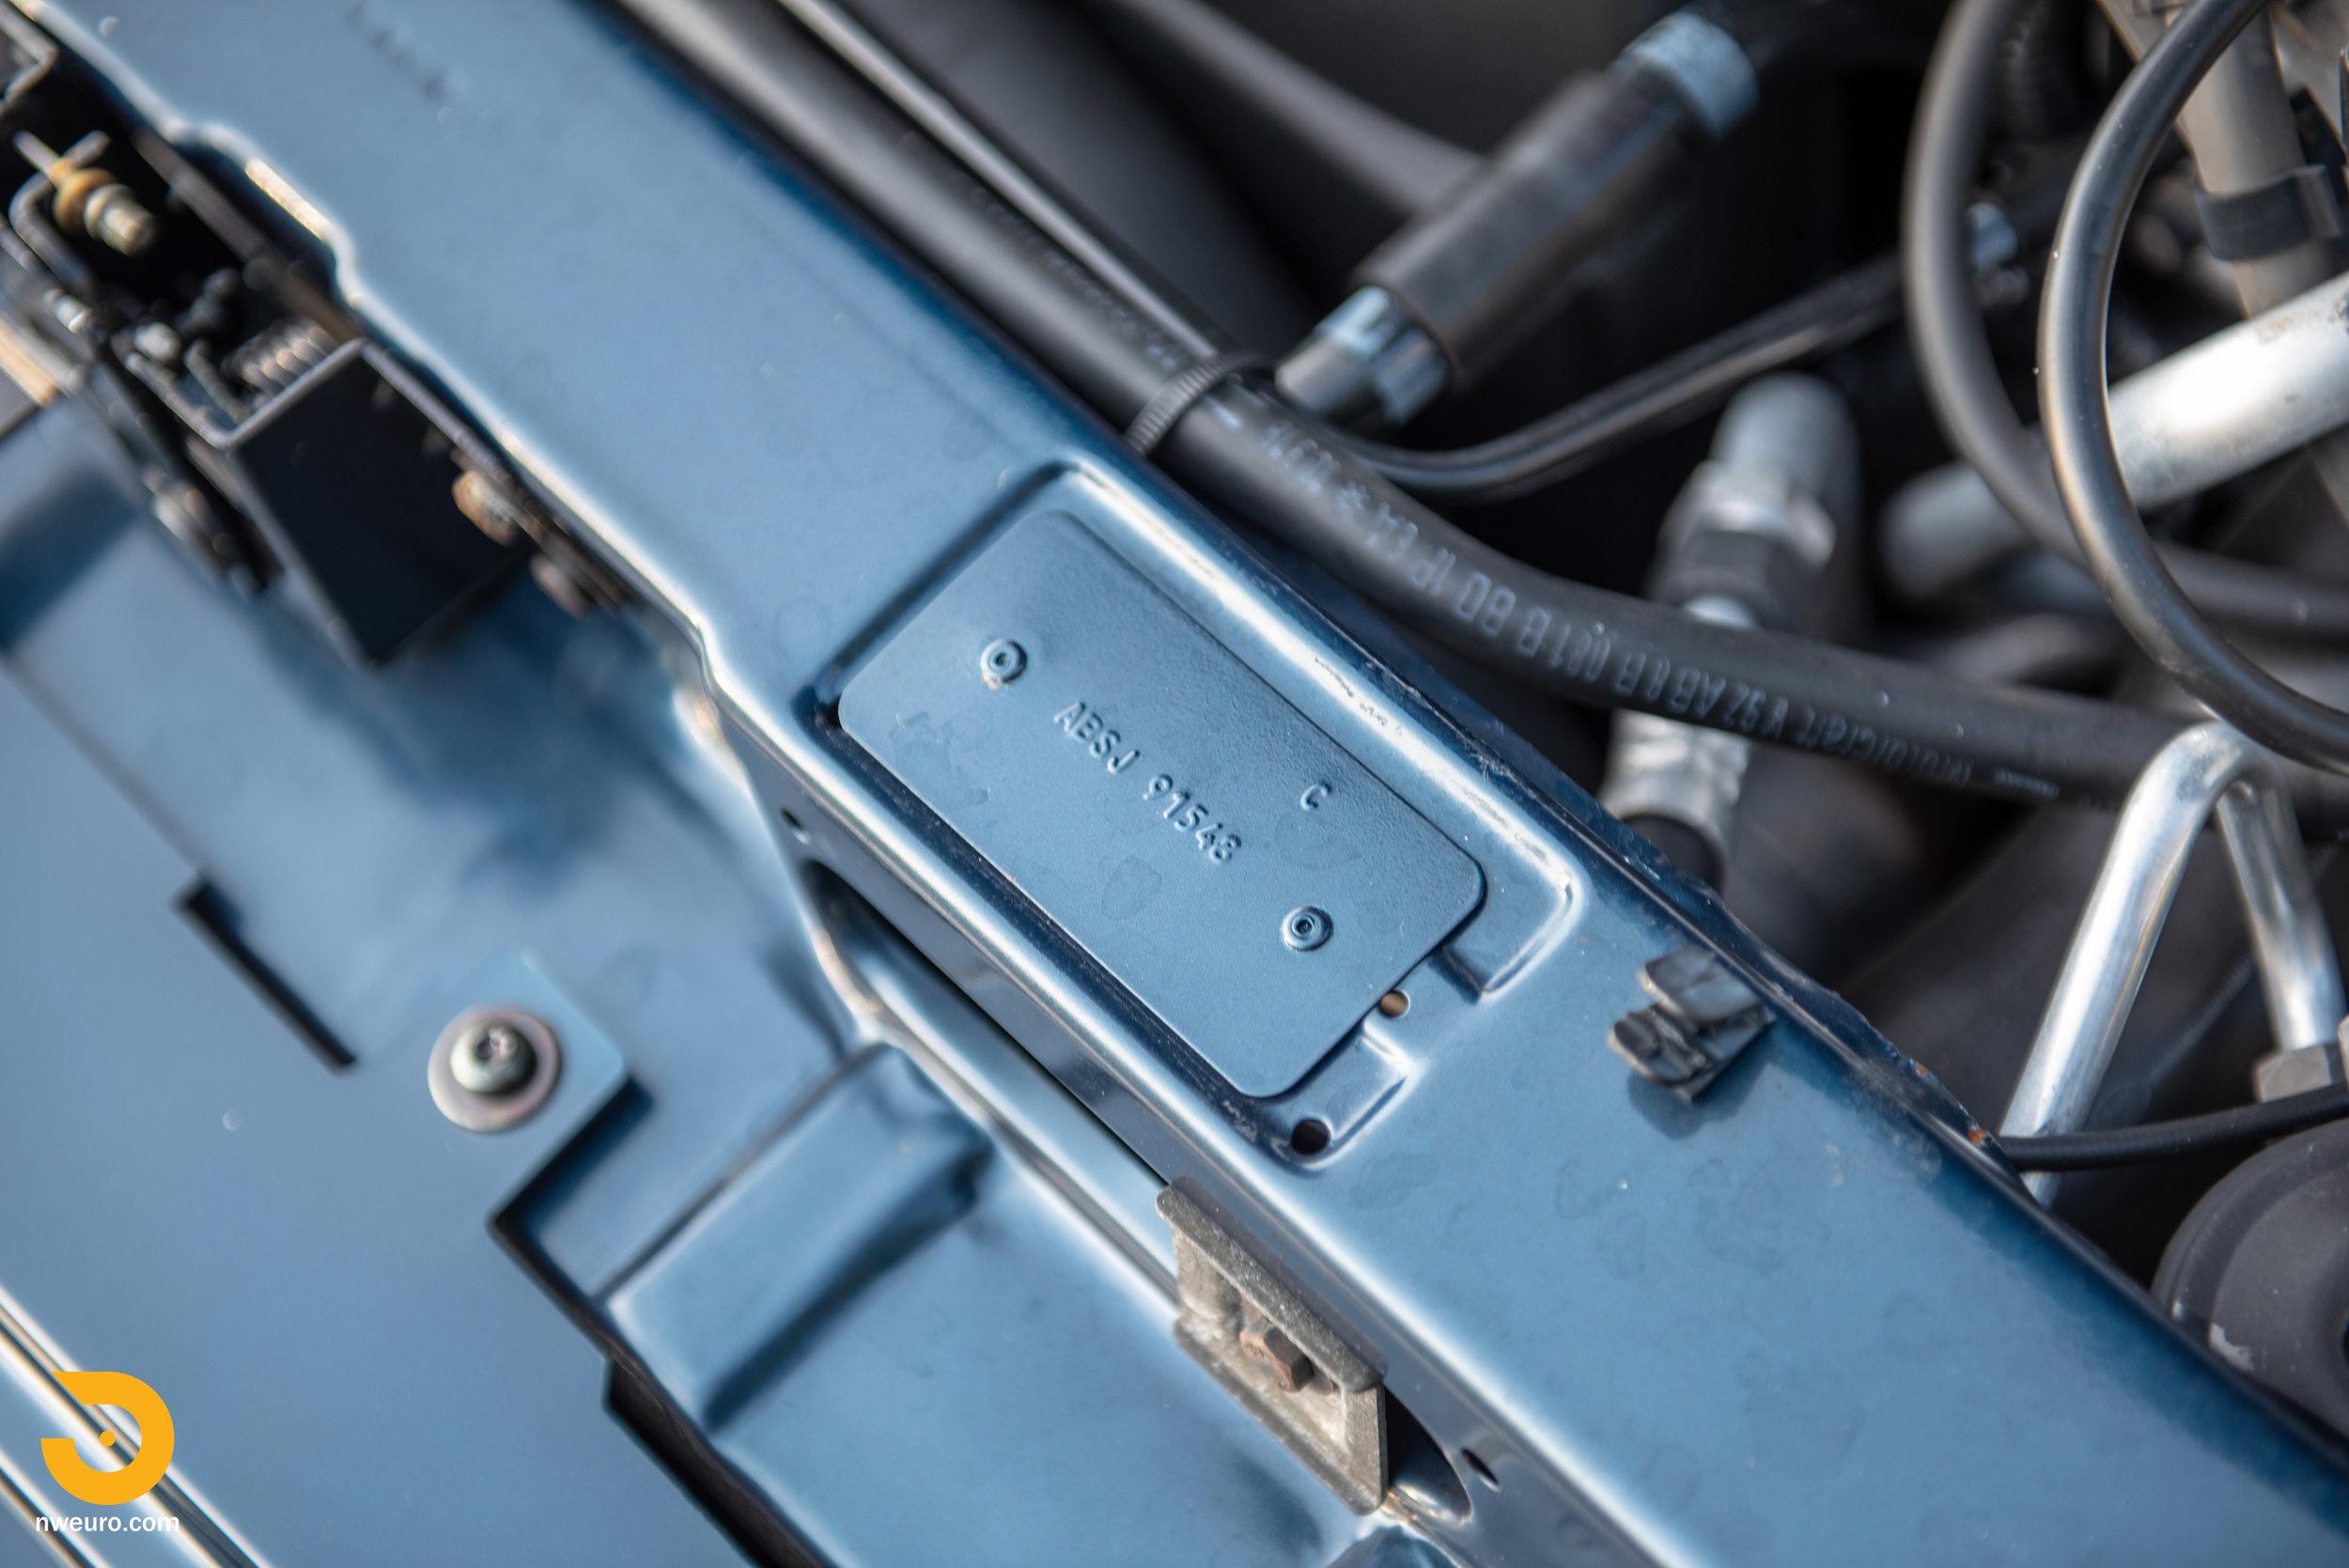 1995 Ford Escort Cosworth - Petrol Blue-48.jpg